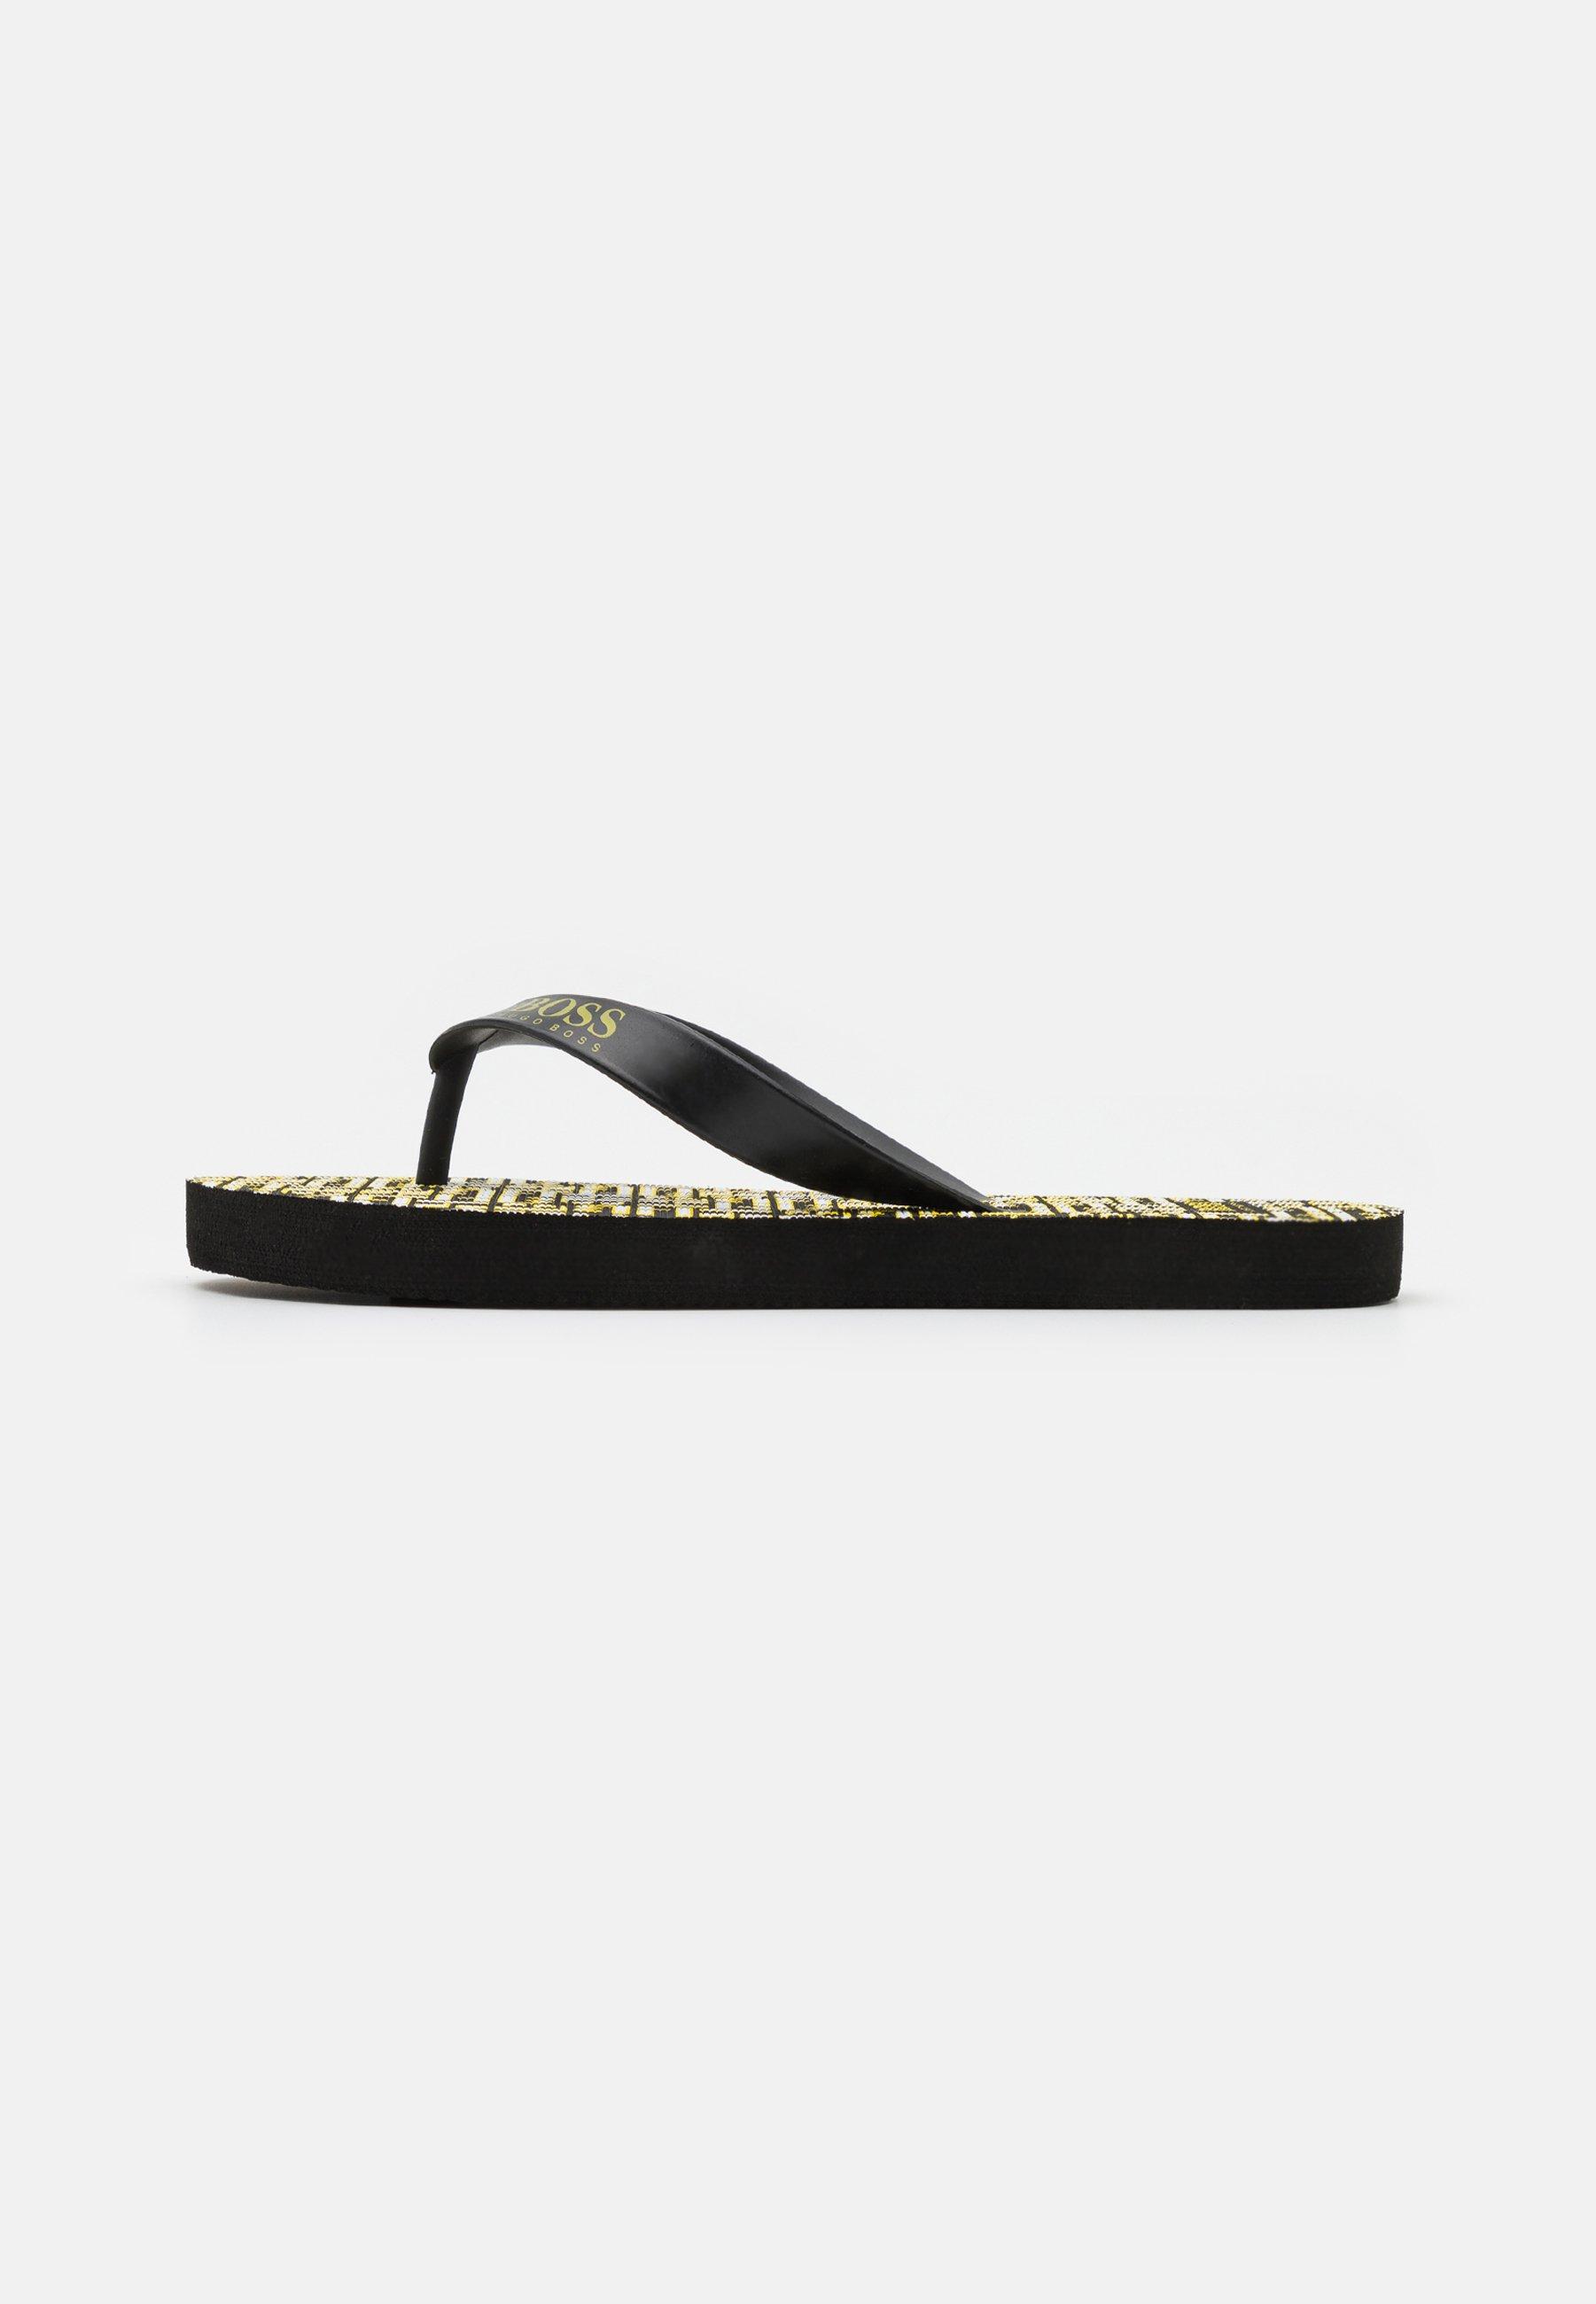 Kids T-bar sandals